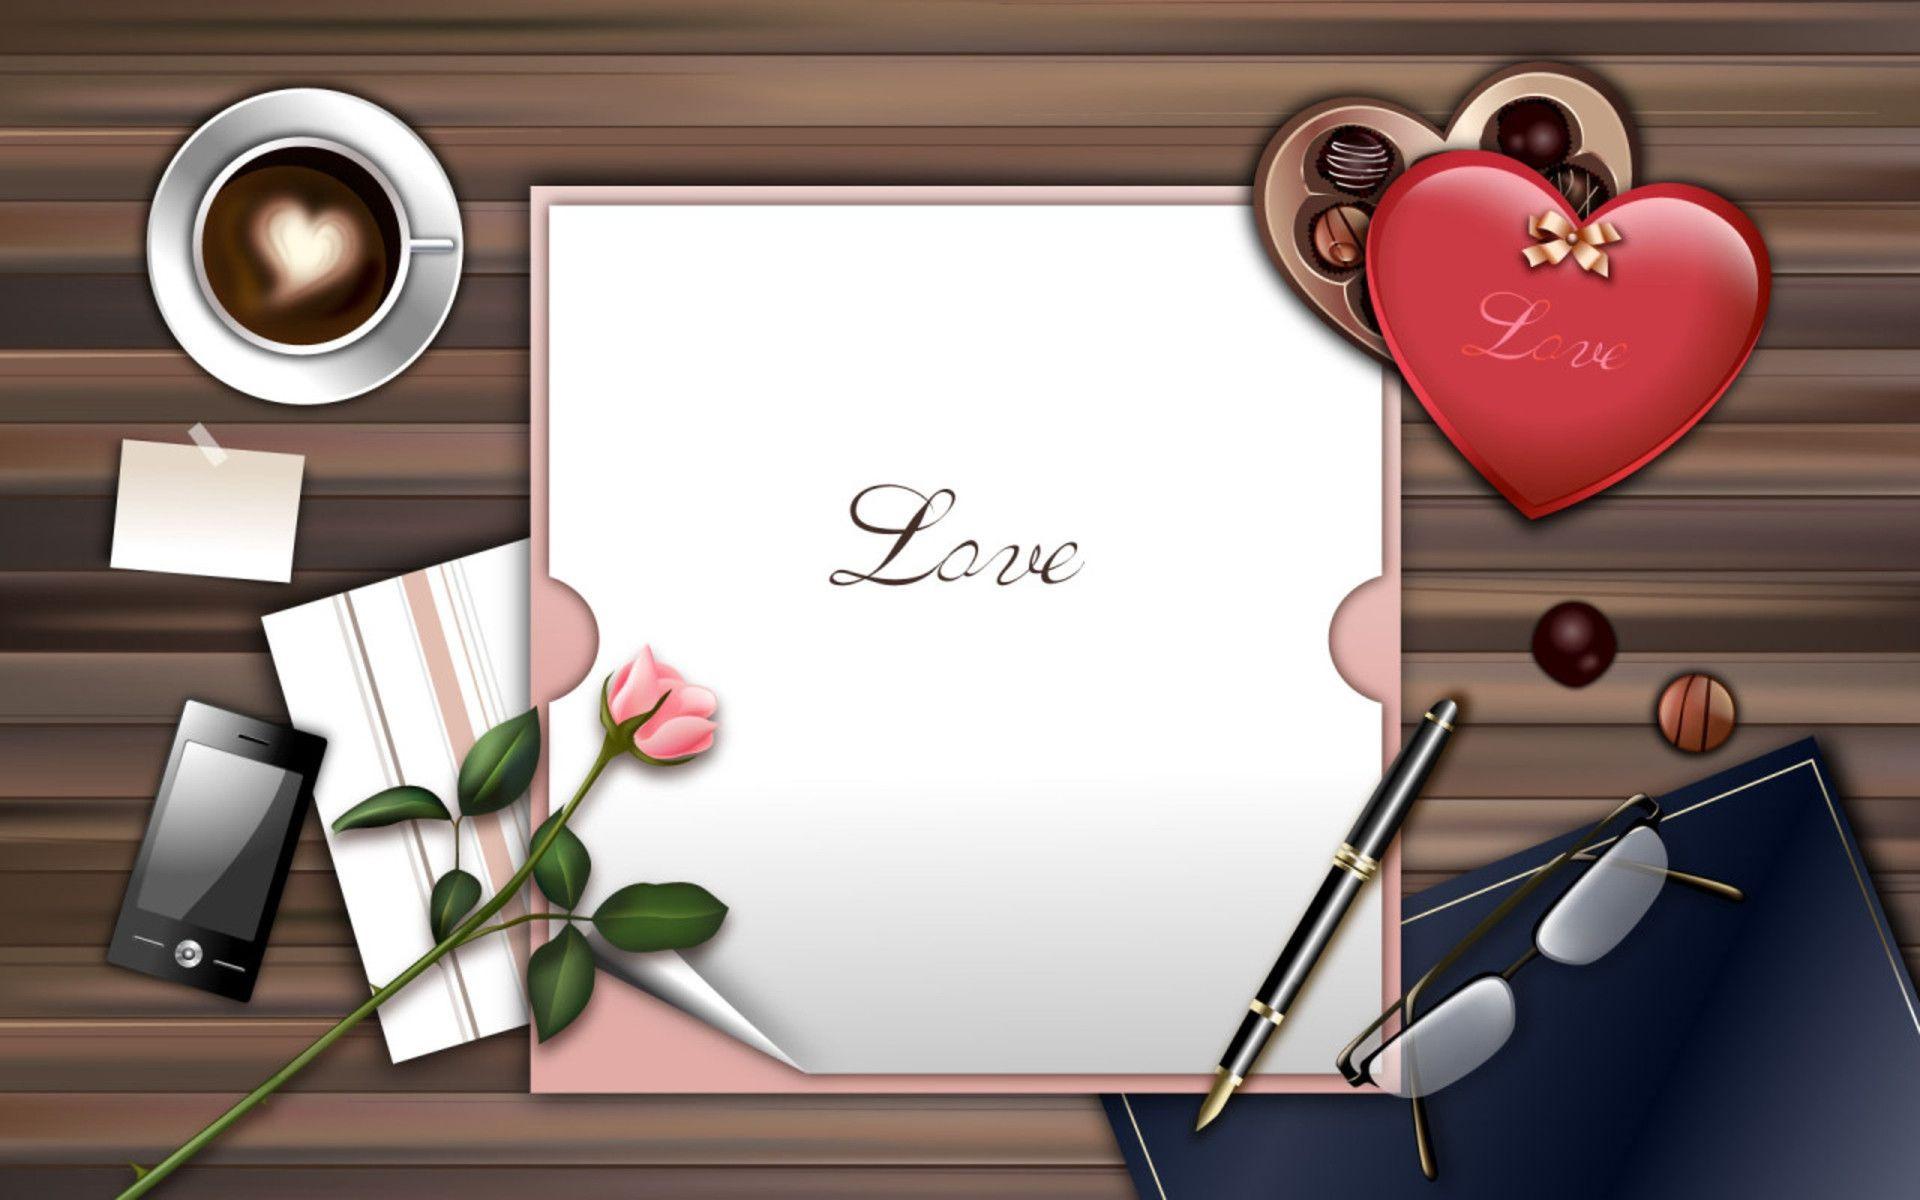 I Love K Letter Wallpaper: Love Letter Wallpaper ·①